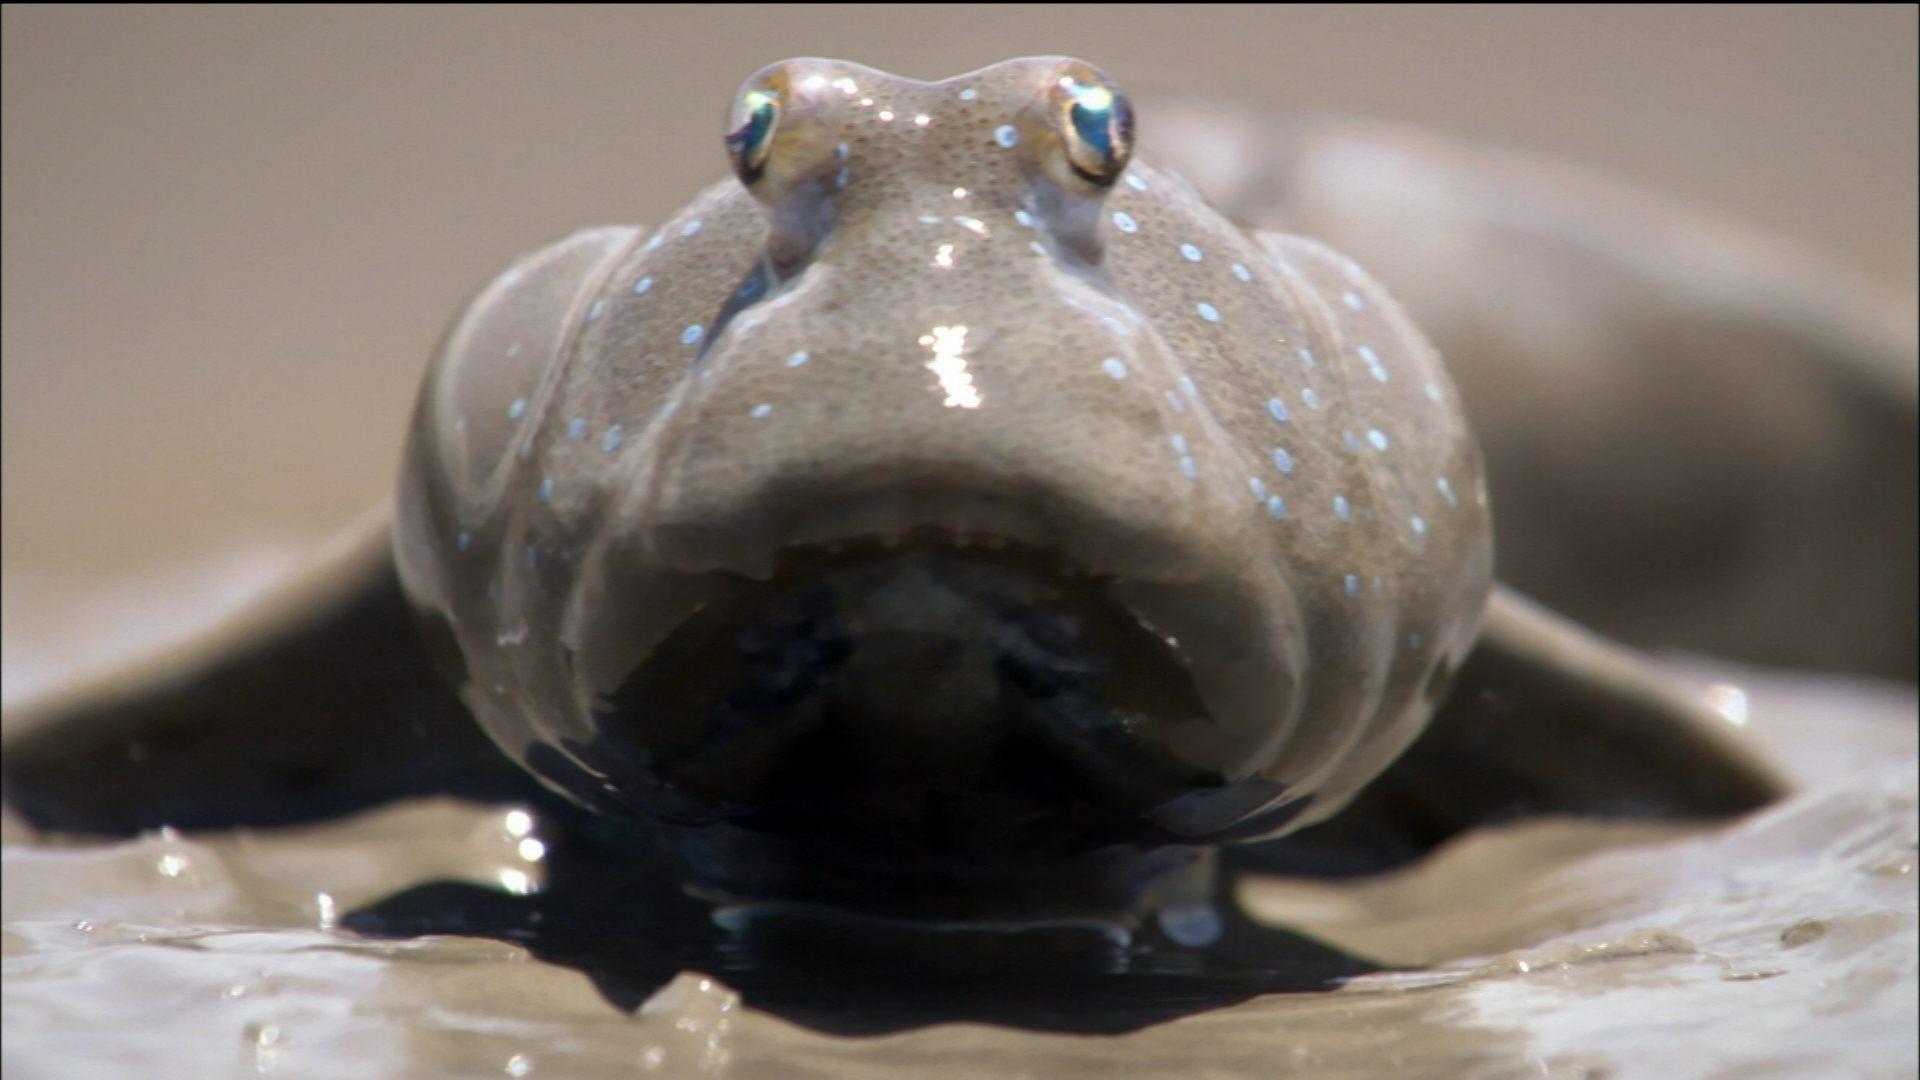 Lit Gain De Place Adulte Élégant Animal Misfits Mudskippers Search for A Meal Nature